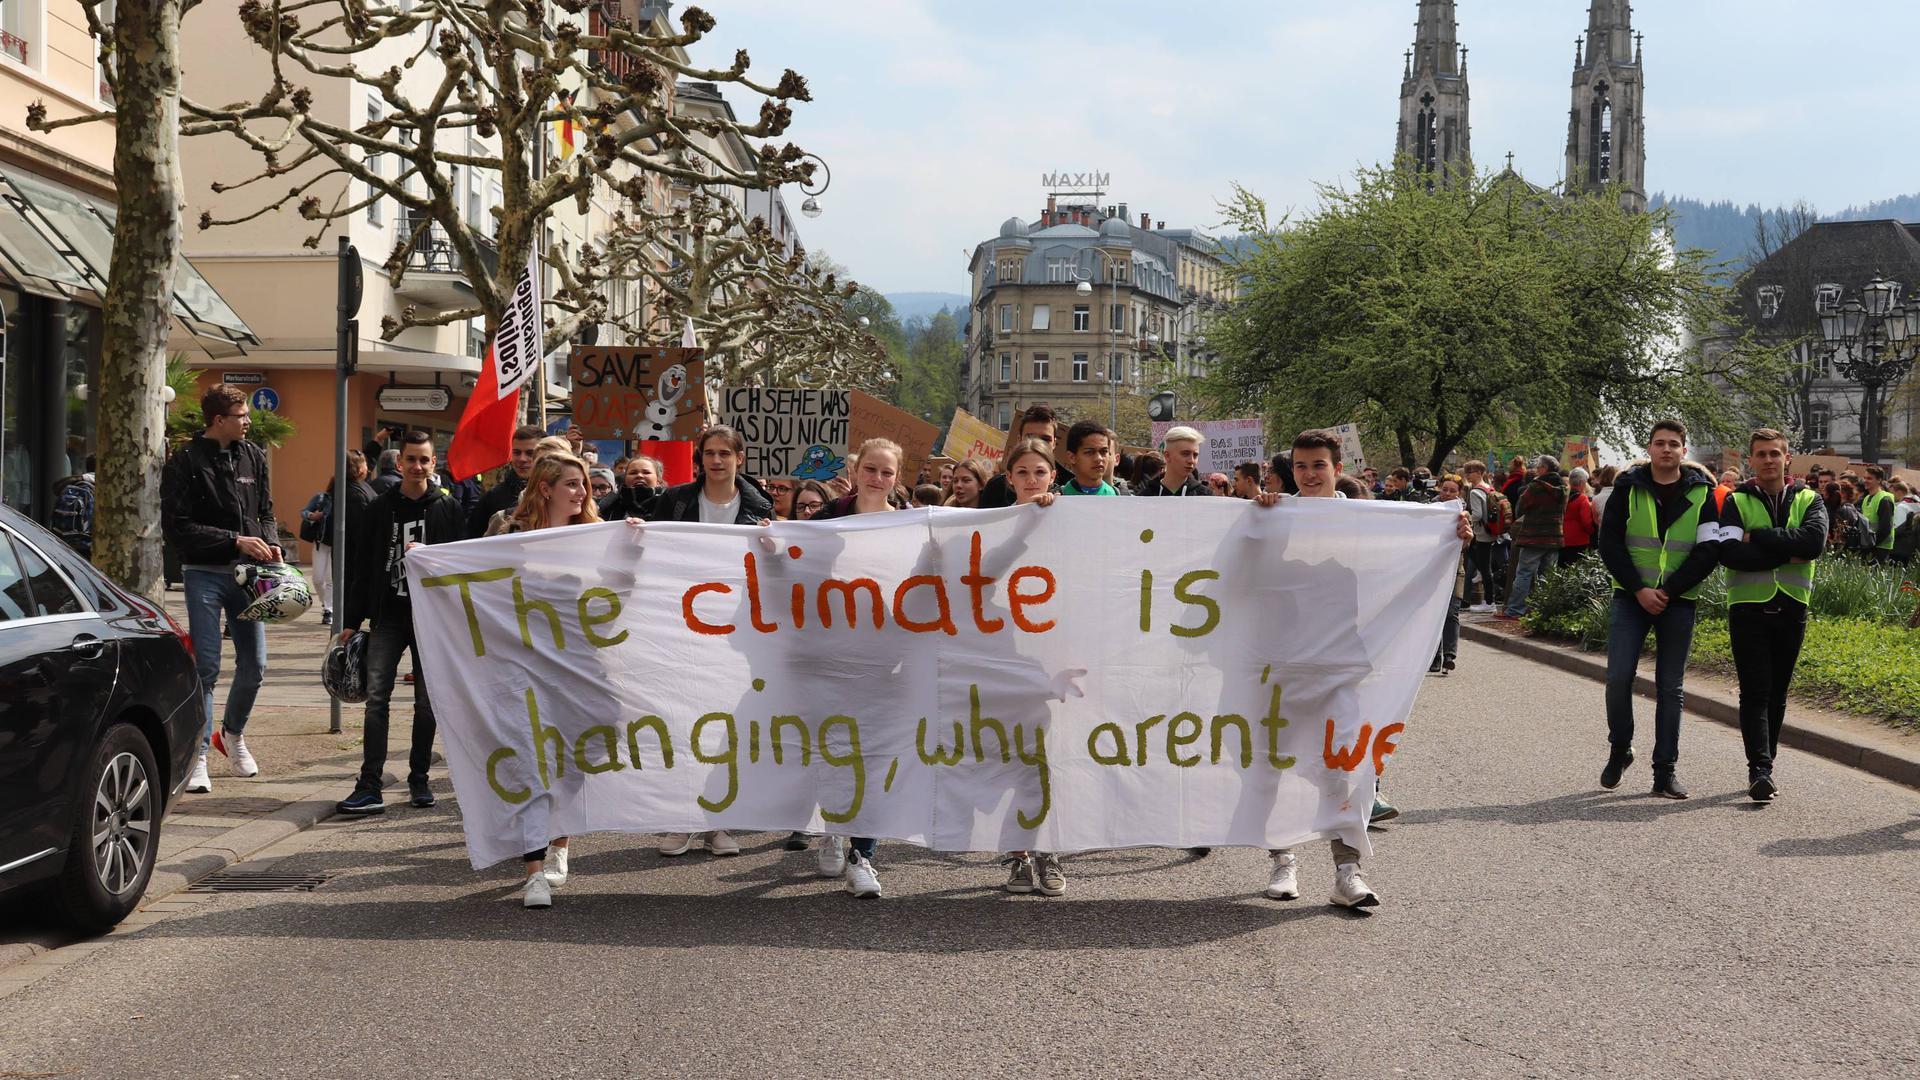 """Jeder einzelne könne etwas für Klimaschutz tun, war das Motto der ersten """"Fridays for Future""""-Demonstration in Baden-Baden mit Start am Augustaplatz. Ein zweites Transparent hatte die Aufschrift """"Wir lernen nicht für eine zerstörte Zukunft""""."""